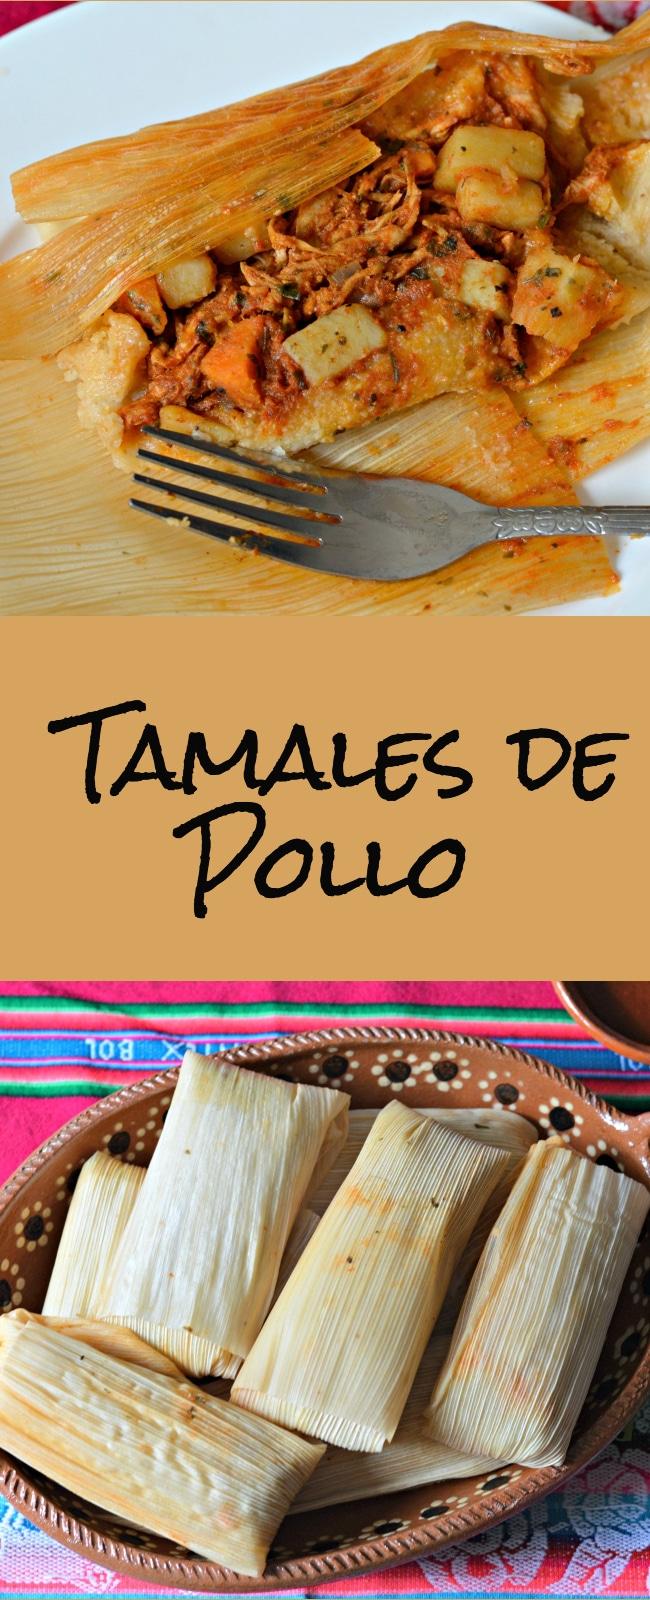 Si disfrutasde la autentica comidamexicana, definitivamente esta receta es para ti. Los tamales son deliciosos y todo un arte para cocinarlos! No dejes de probarlos porque te encantaran!